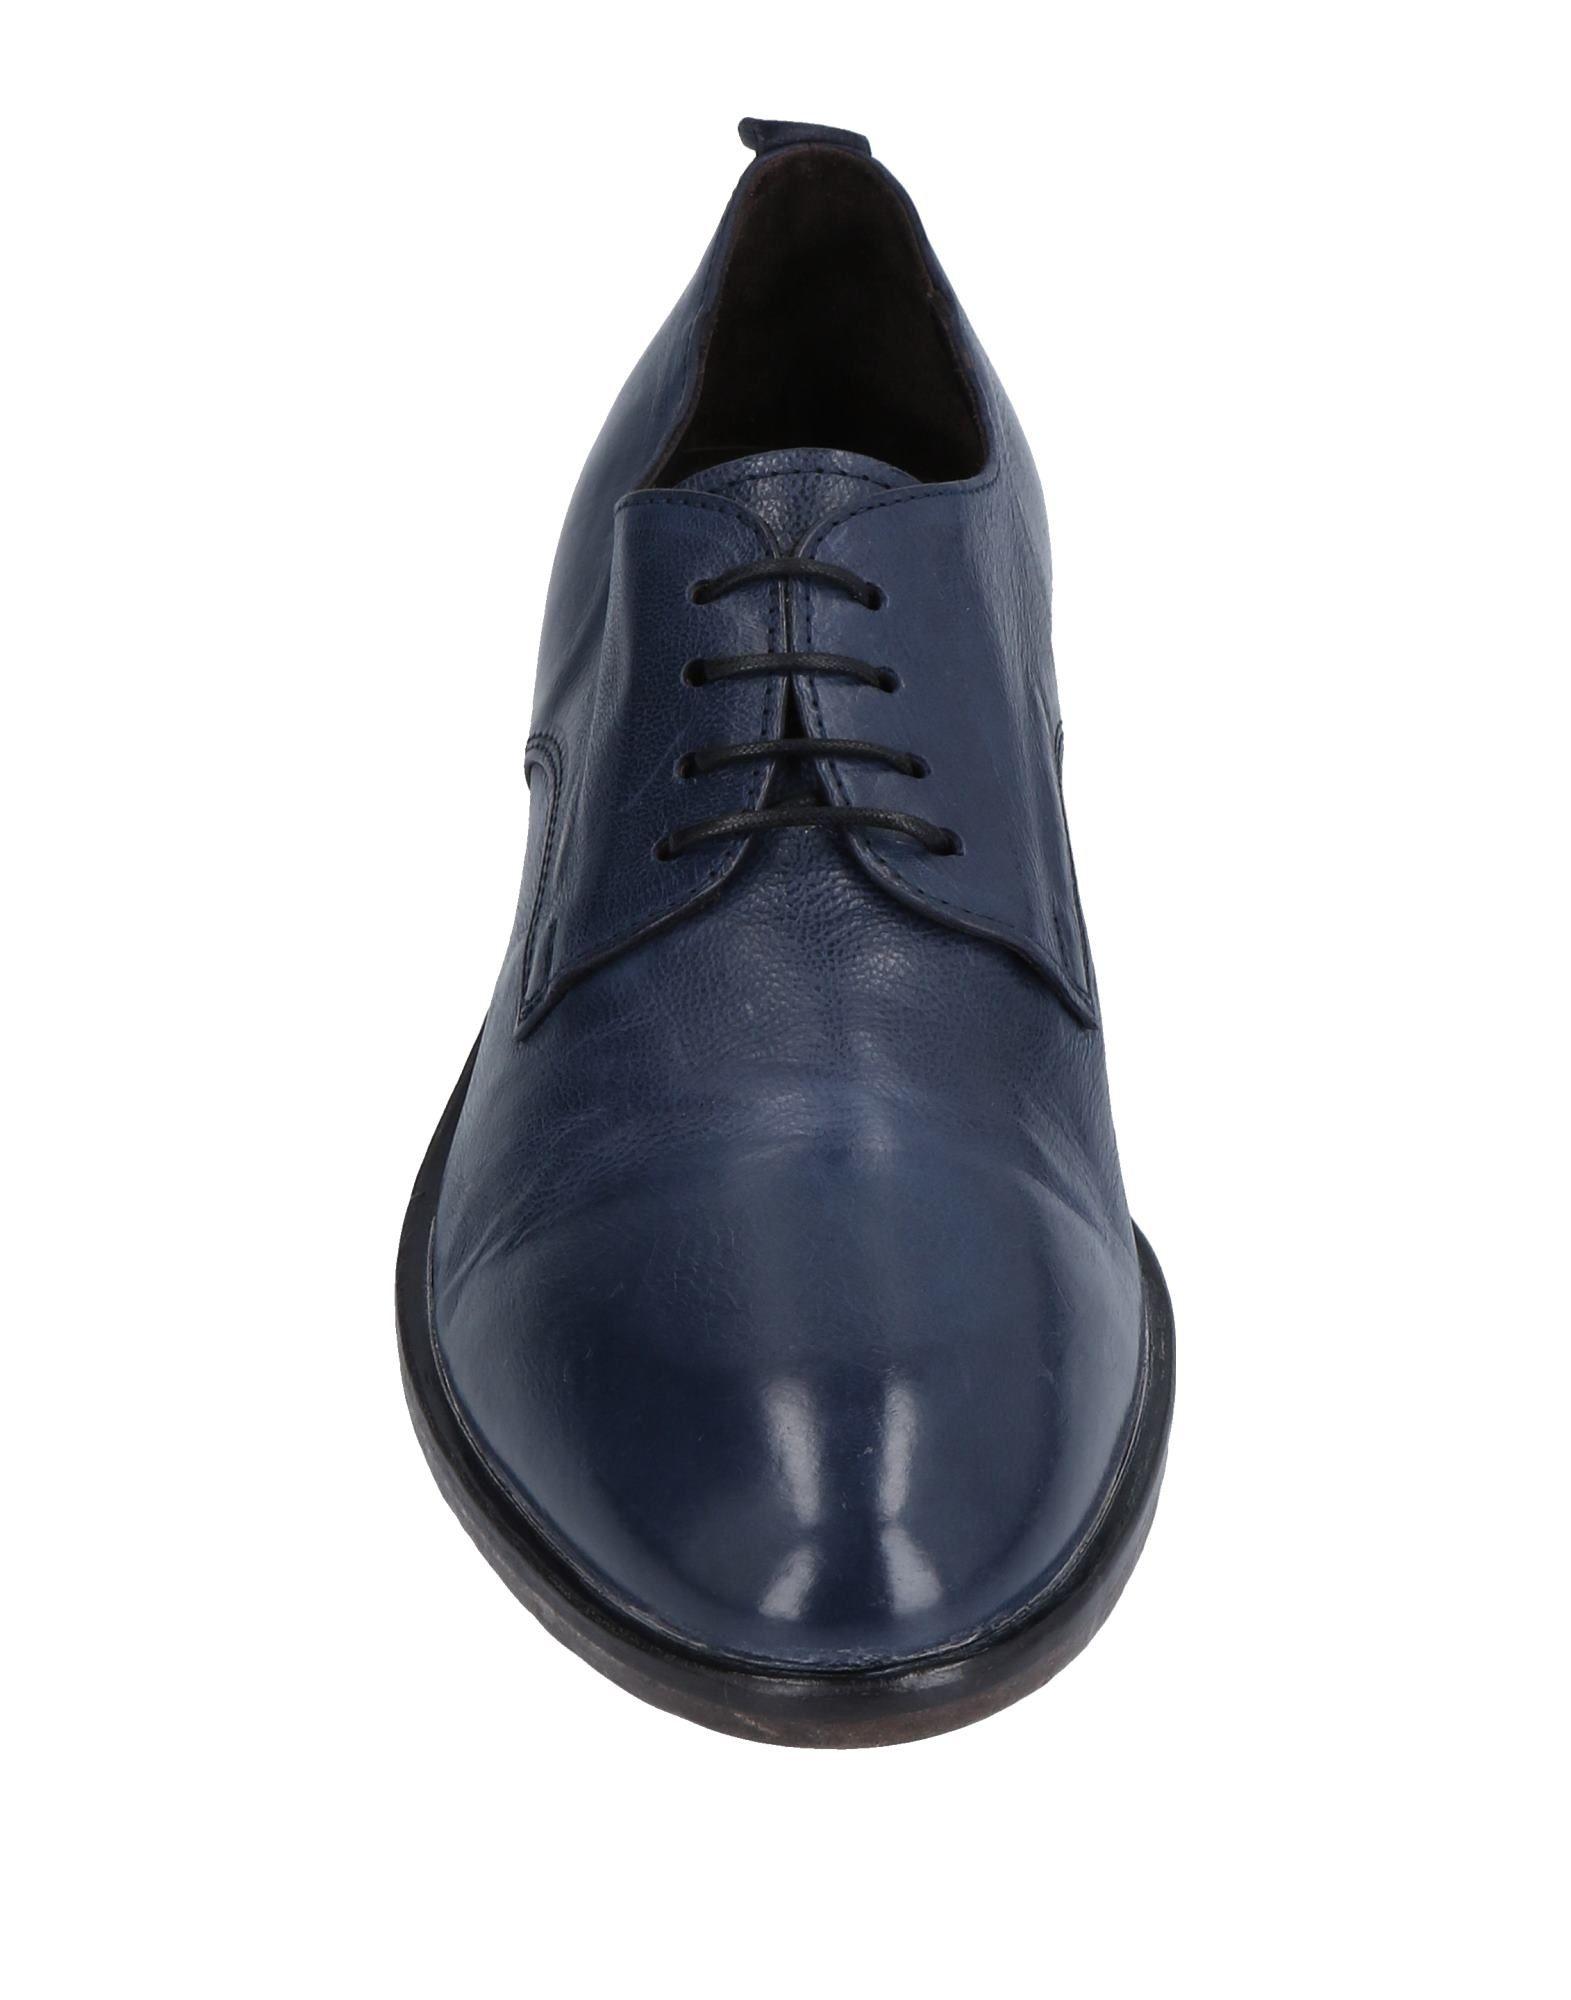 Schnürschuhe Moma Schnürschuhe  Herren  11508751GB Heiße Schuhe 748edc